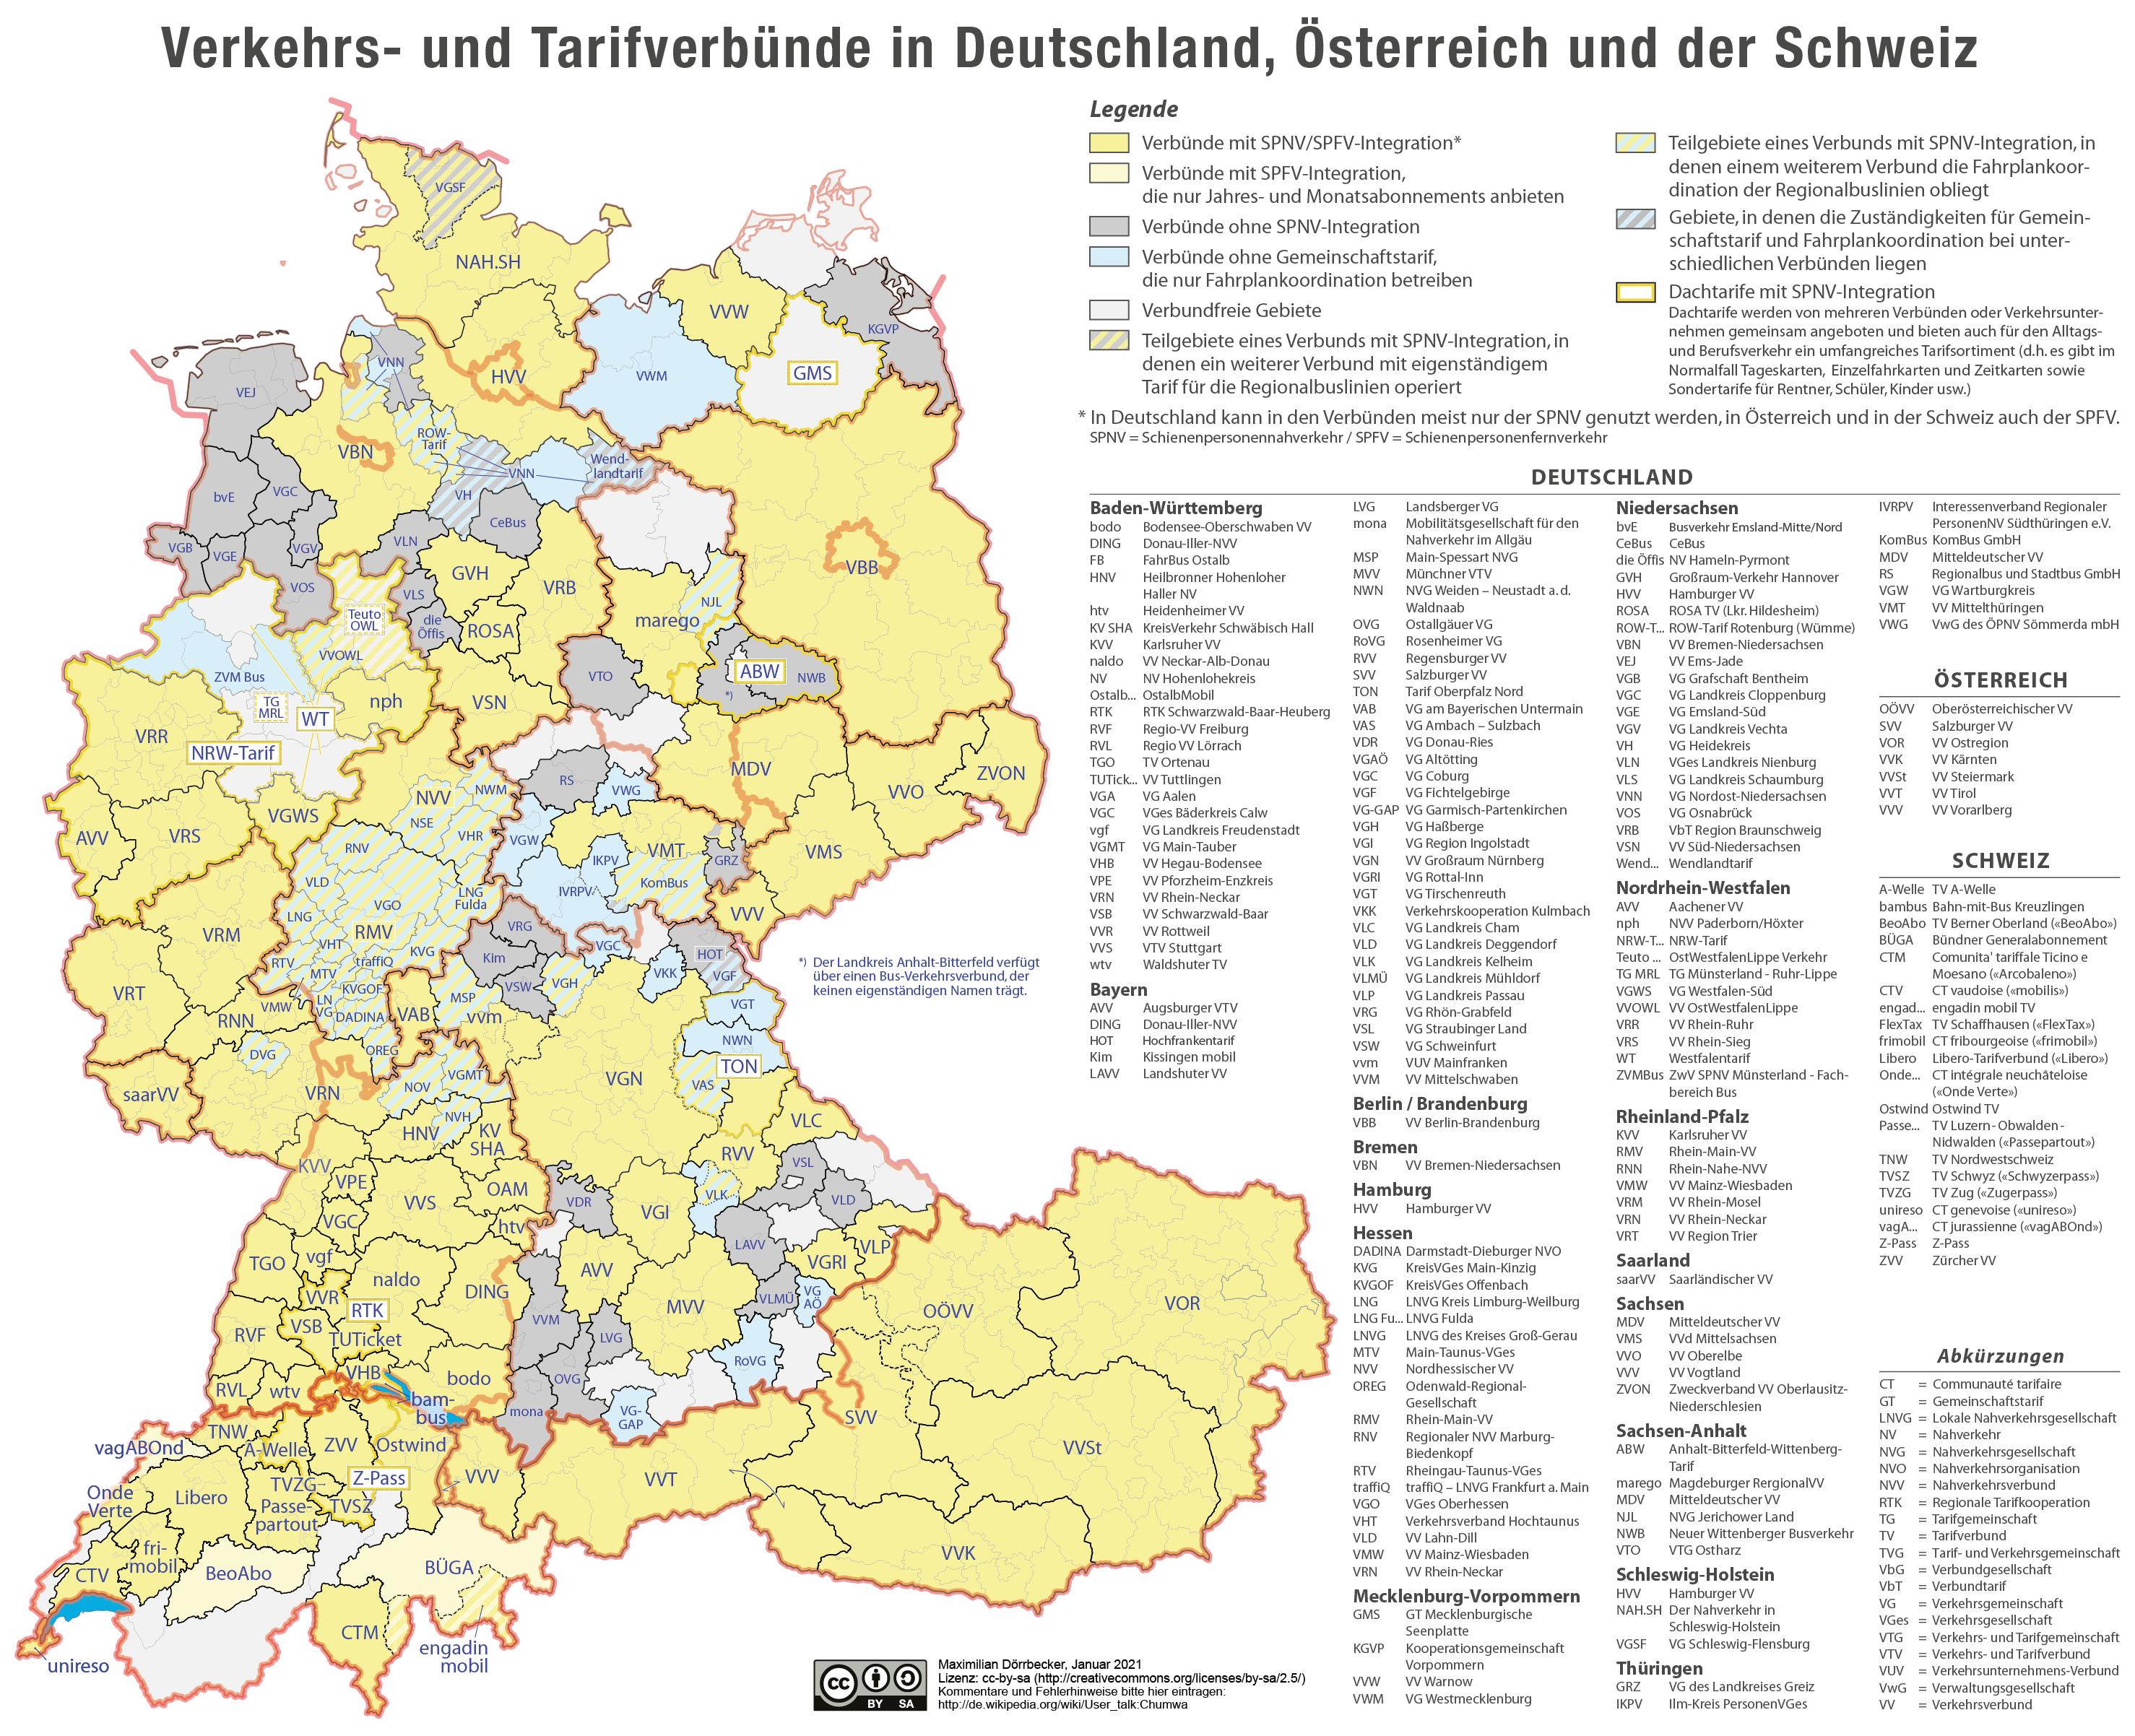 Karte Süddeutschland österreich Schweiz.Datei Karte Der Verkehrsverbünde Und Tarifverbünde In Deutschland